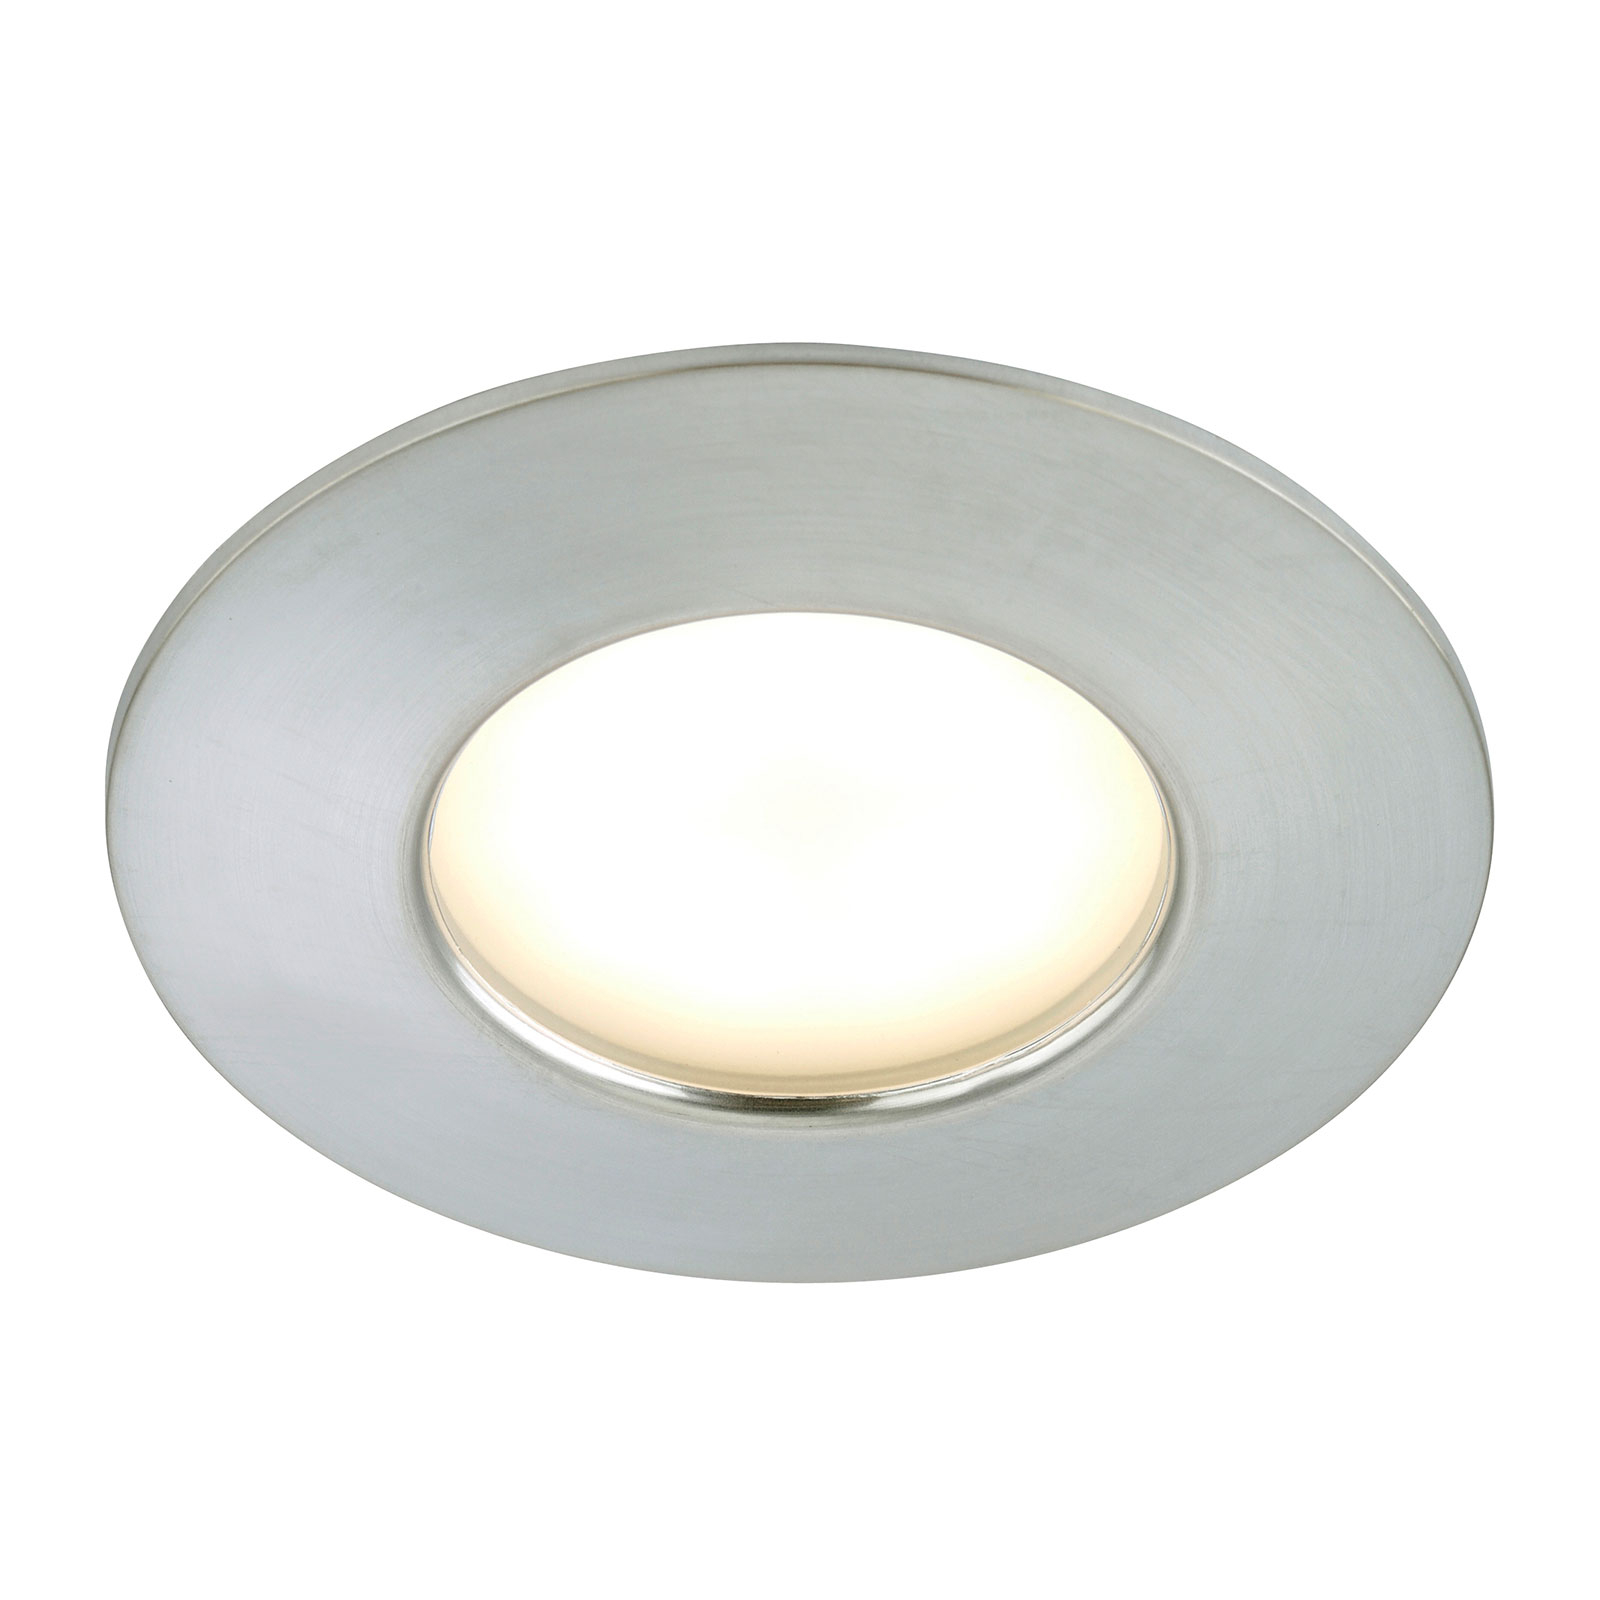 Alufarbene LED-Einbauleuchte Felia, IP44